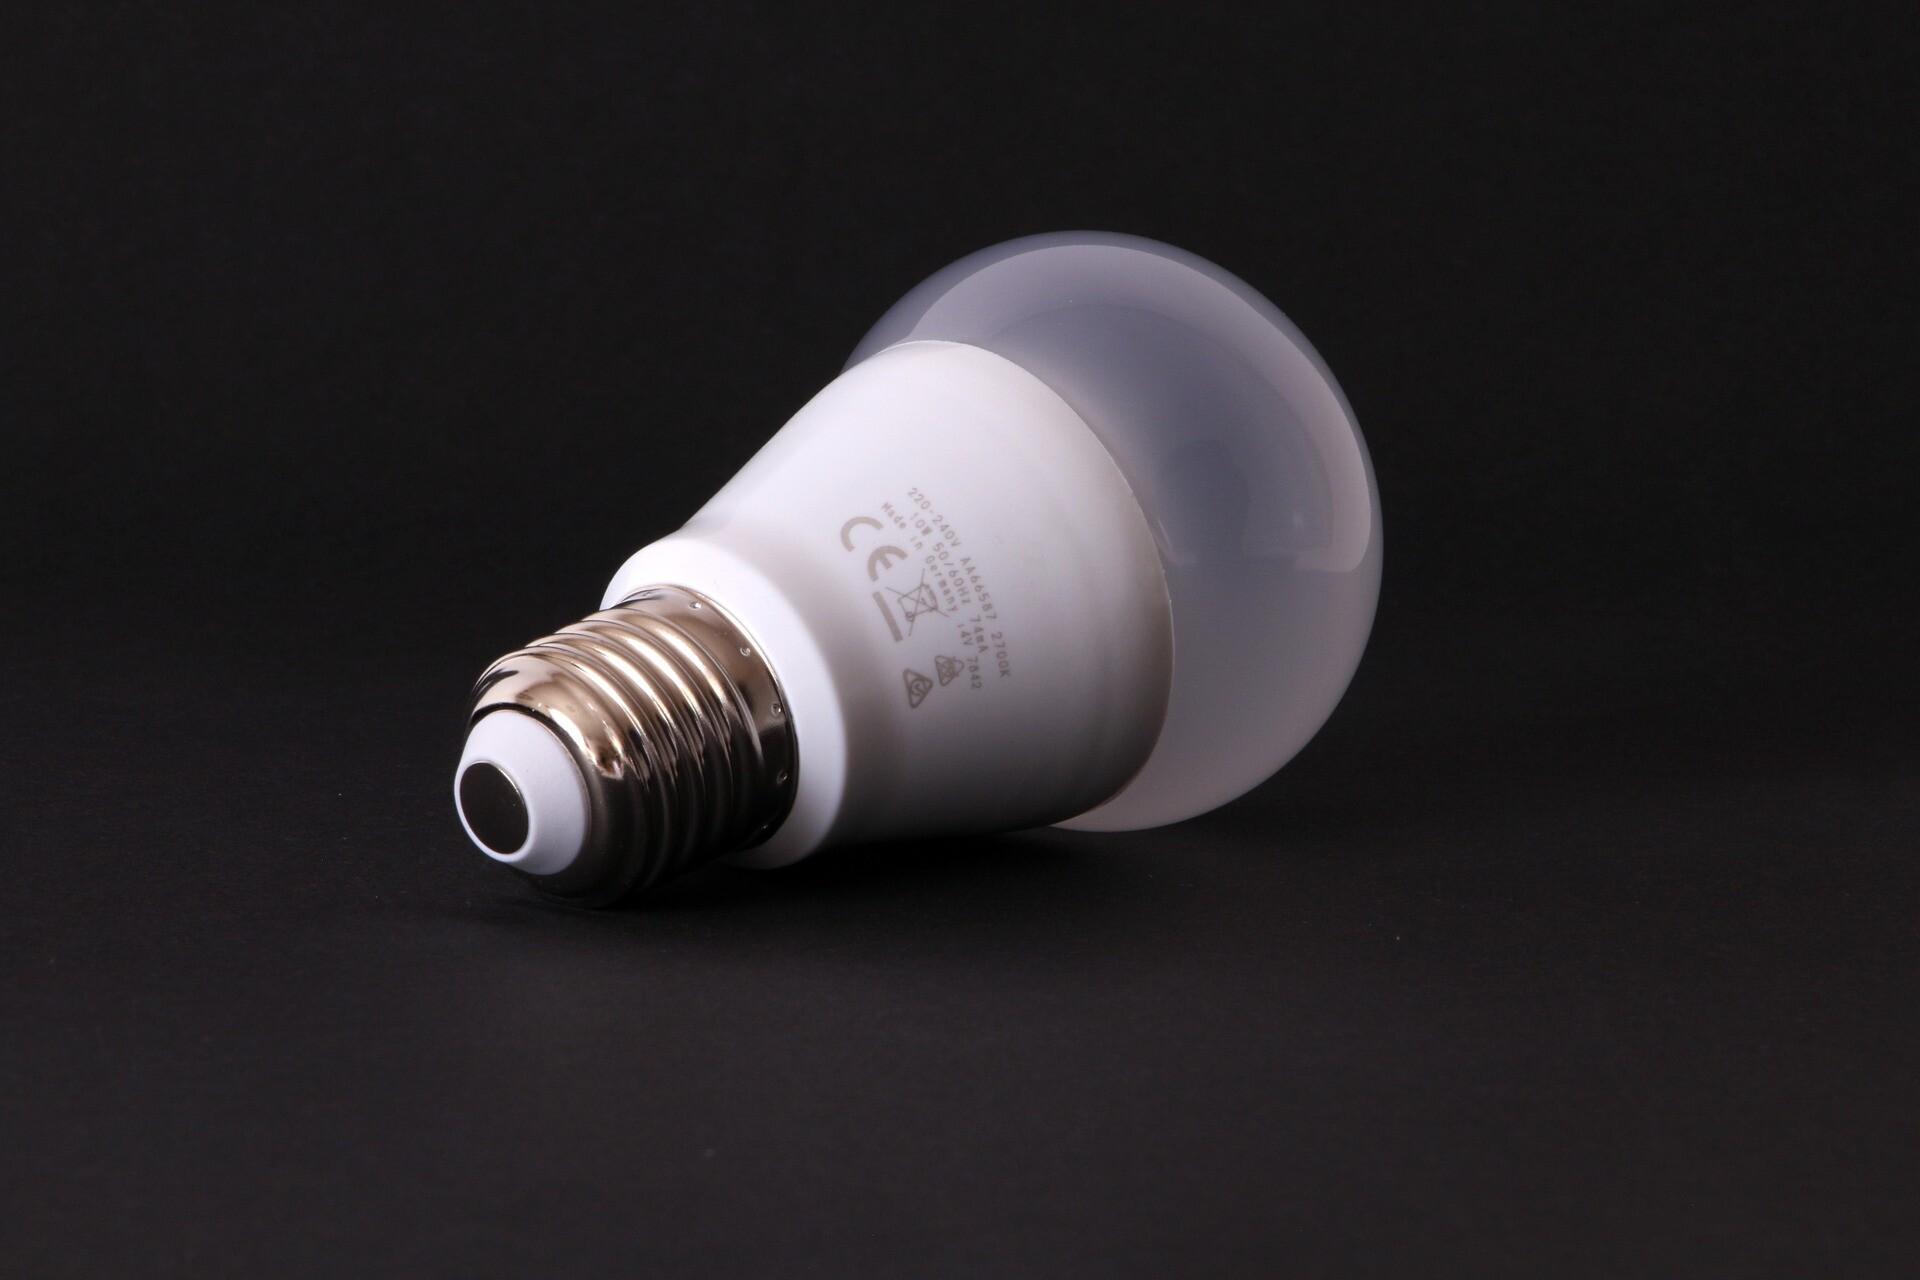 Los mejores tipos de bombillas led para ahorrar en casa - Tipos de bombillas led para casa ...